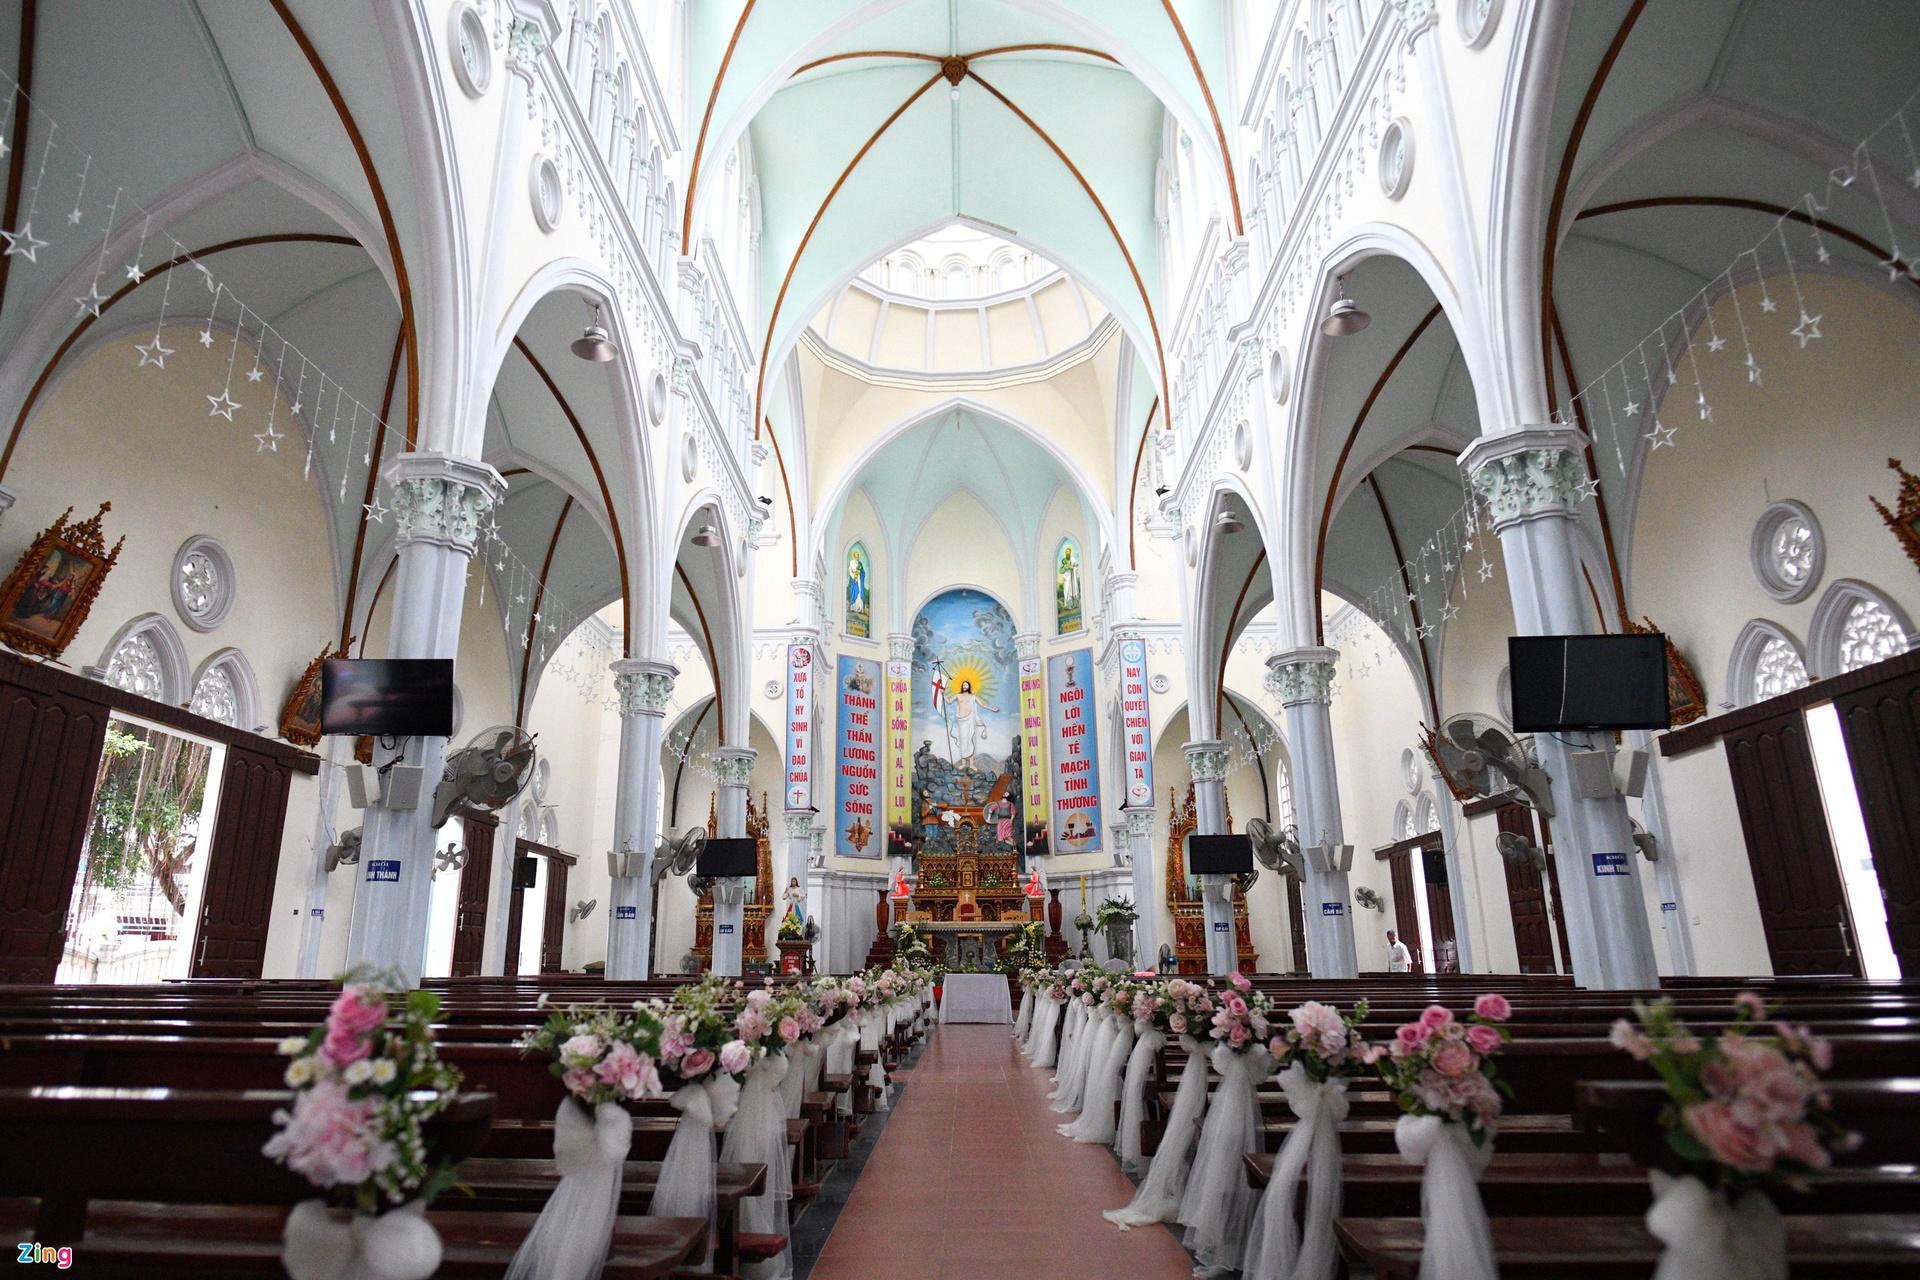 Cô dâu nhà Phan Mạnh Quỳnh diện áo cưới đính 8.000 viên đá swarovski trong đám cưới hoành tráng như cổ tích - Ảnh 4